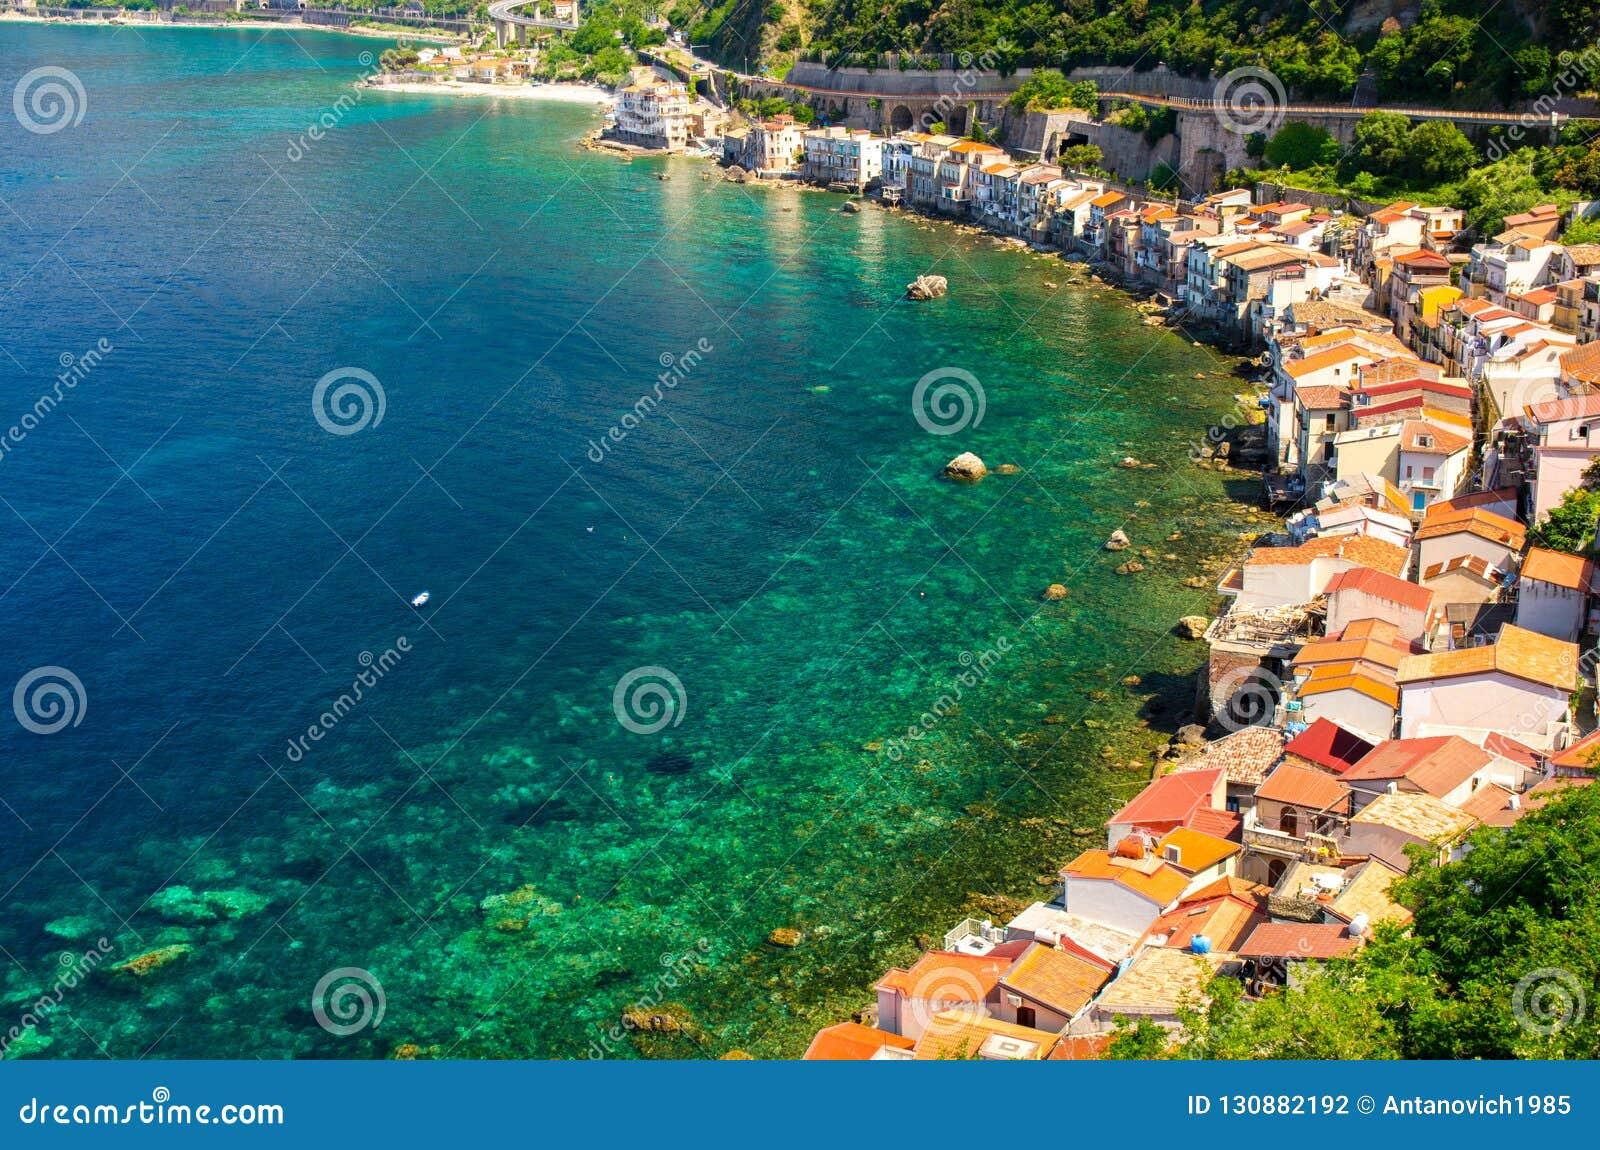 Houses in small fishing village Chianalea di Scilla, Calabria, I